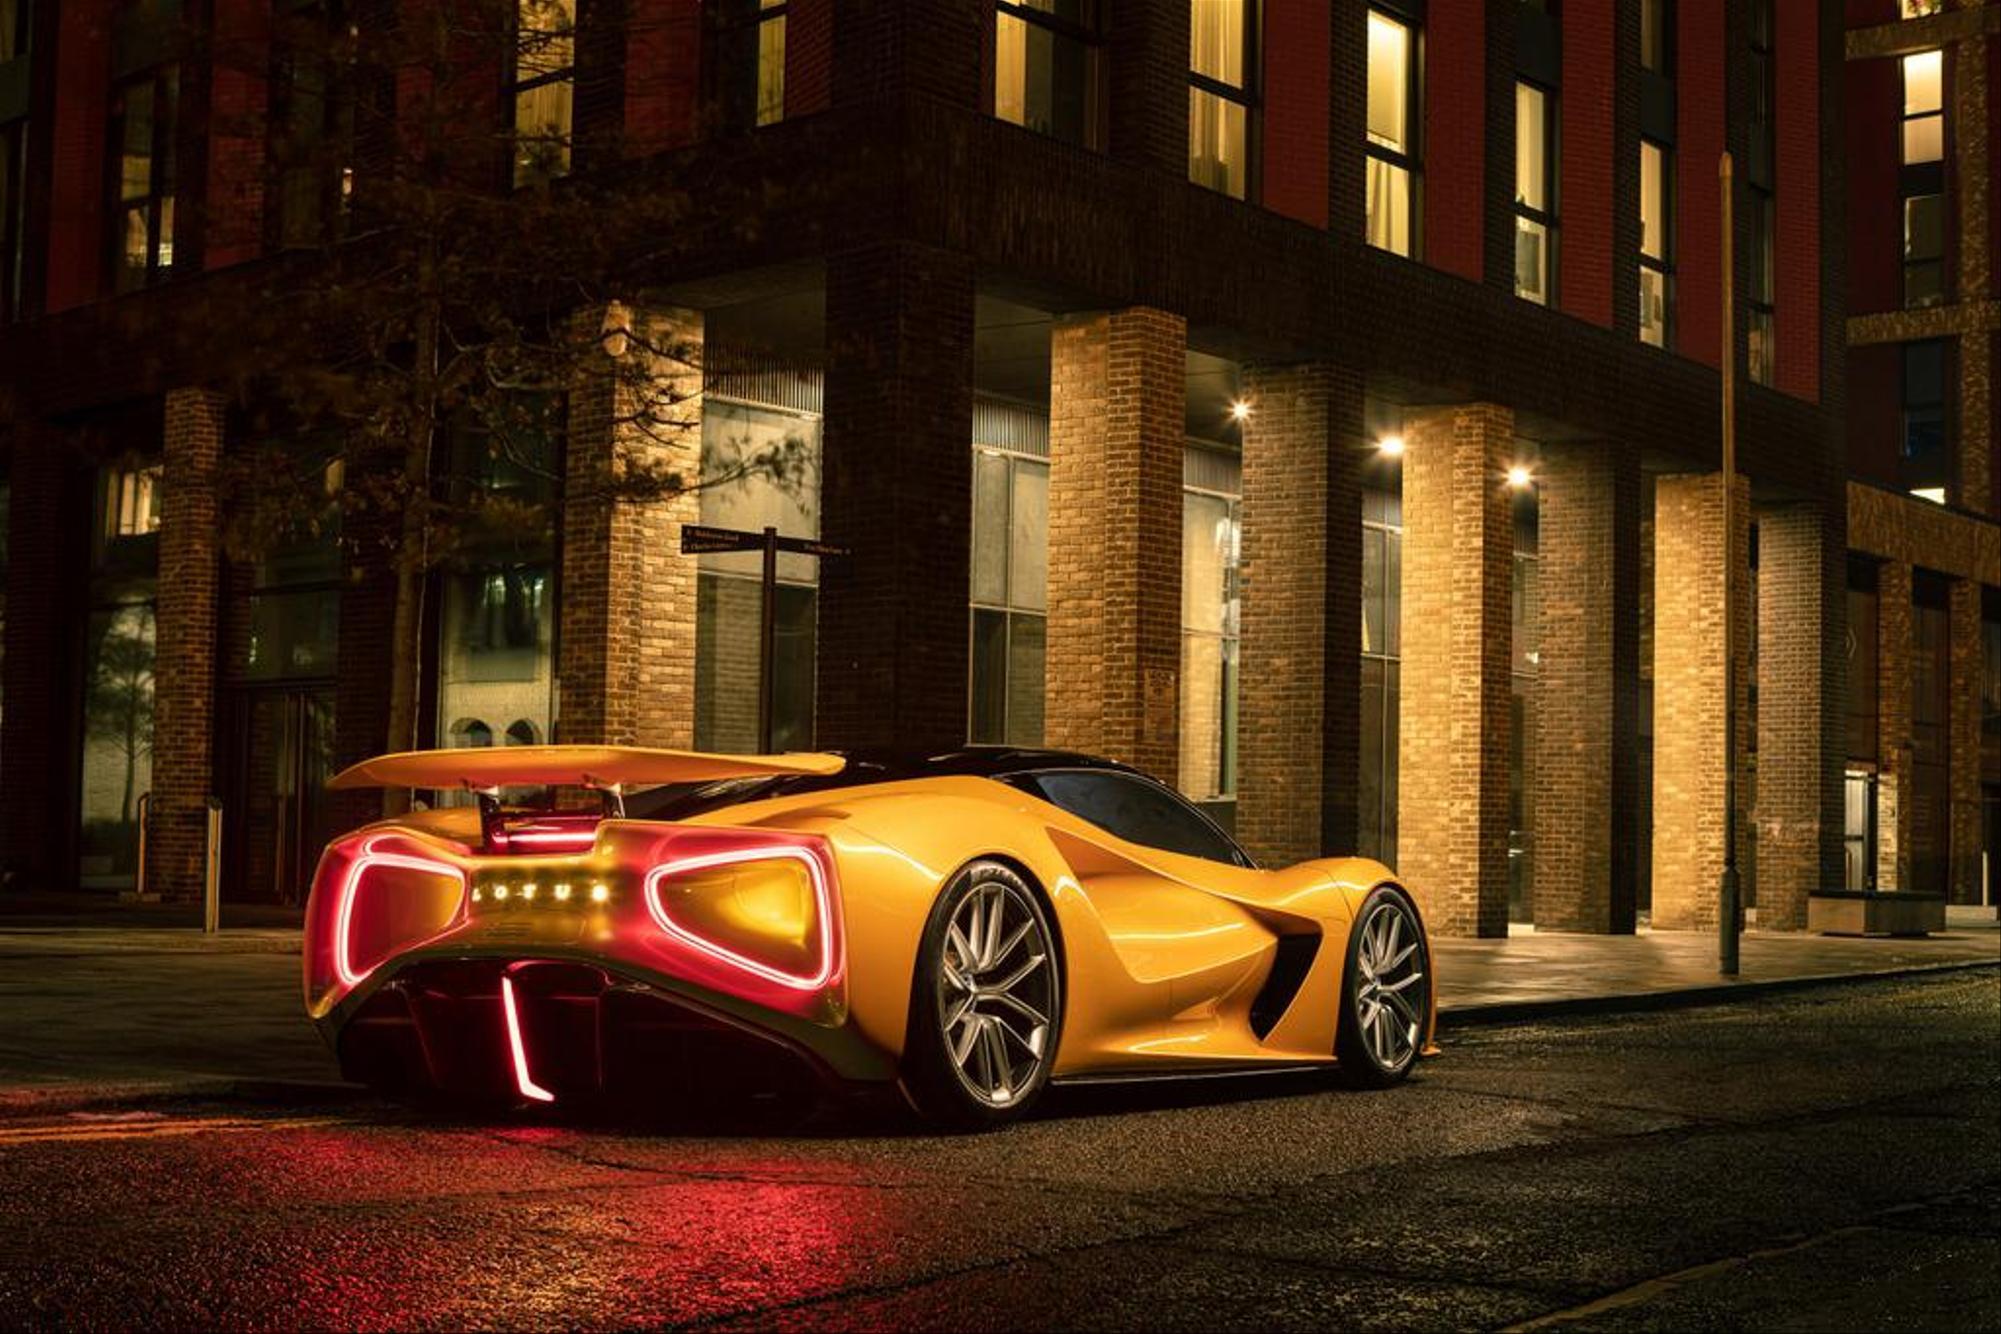 Lotus Evija. La Lotus Evija montrera son arrière frappant à de nombreuses personnes : Avec ses 2000 ch (1471 kW), la super voiture de sport britannique est à cent à l'heure en un rien de temps, la vitesse maximale est de 320 km/h. Prix total : 2,4 millions de francs suisses. Lotus Cars